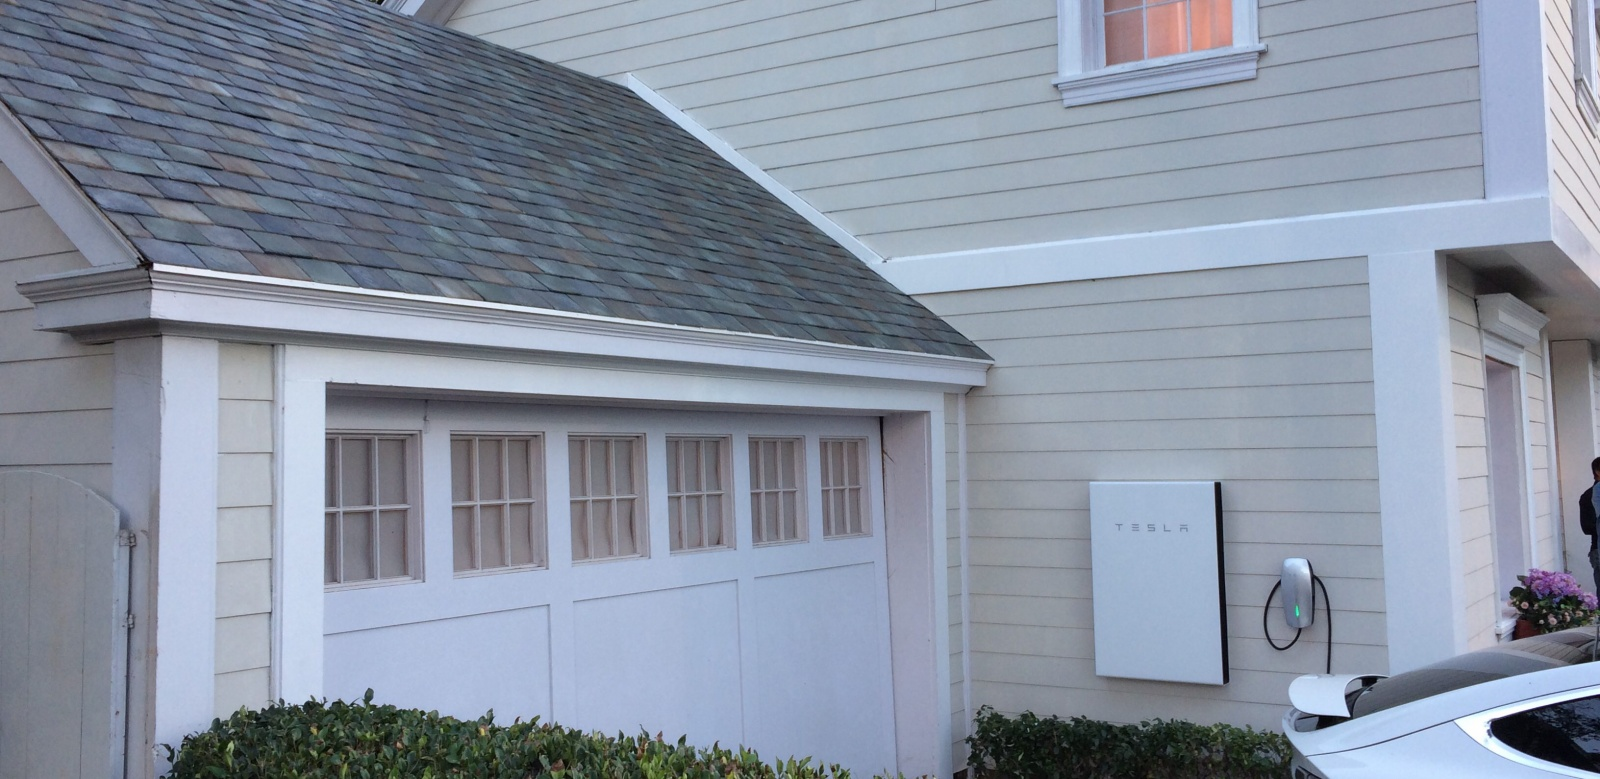 Солнечная крыша Tesla будет дешевле обычной без учёта электрогенерации - 4